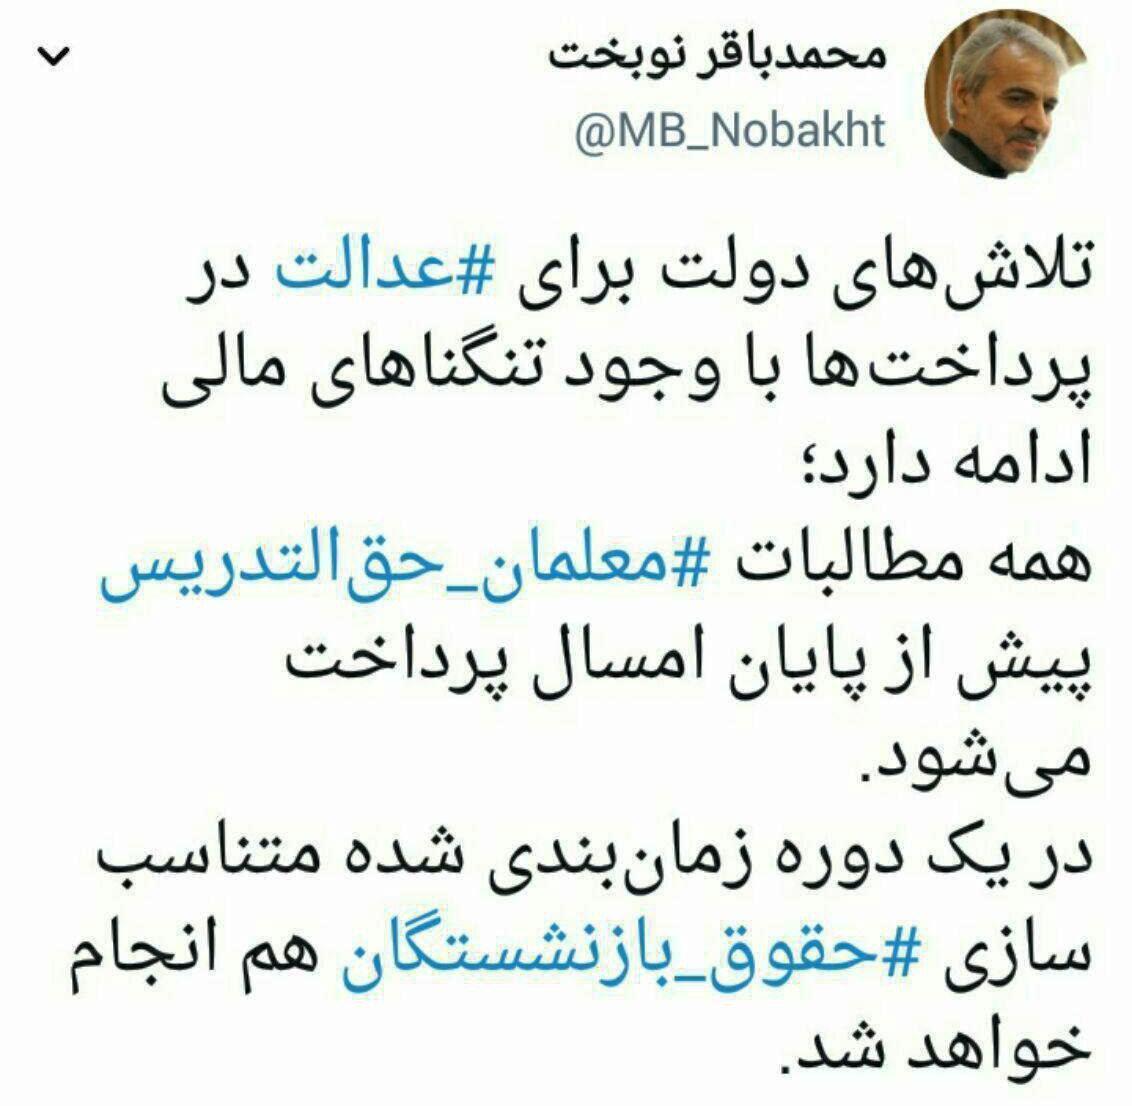 توییت نوبخت درباره پرداخت مطالبات معلمان و حقوق بازنشستگان